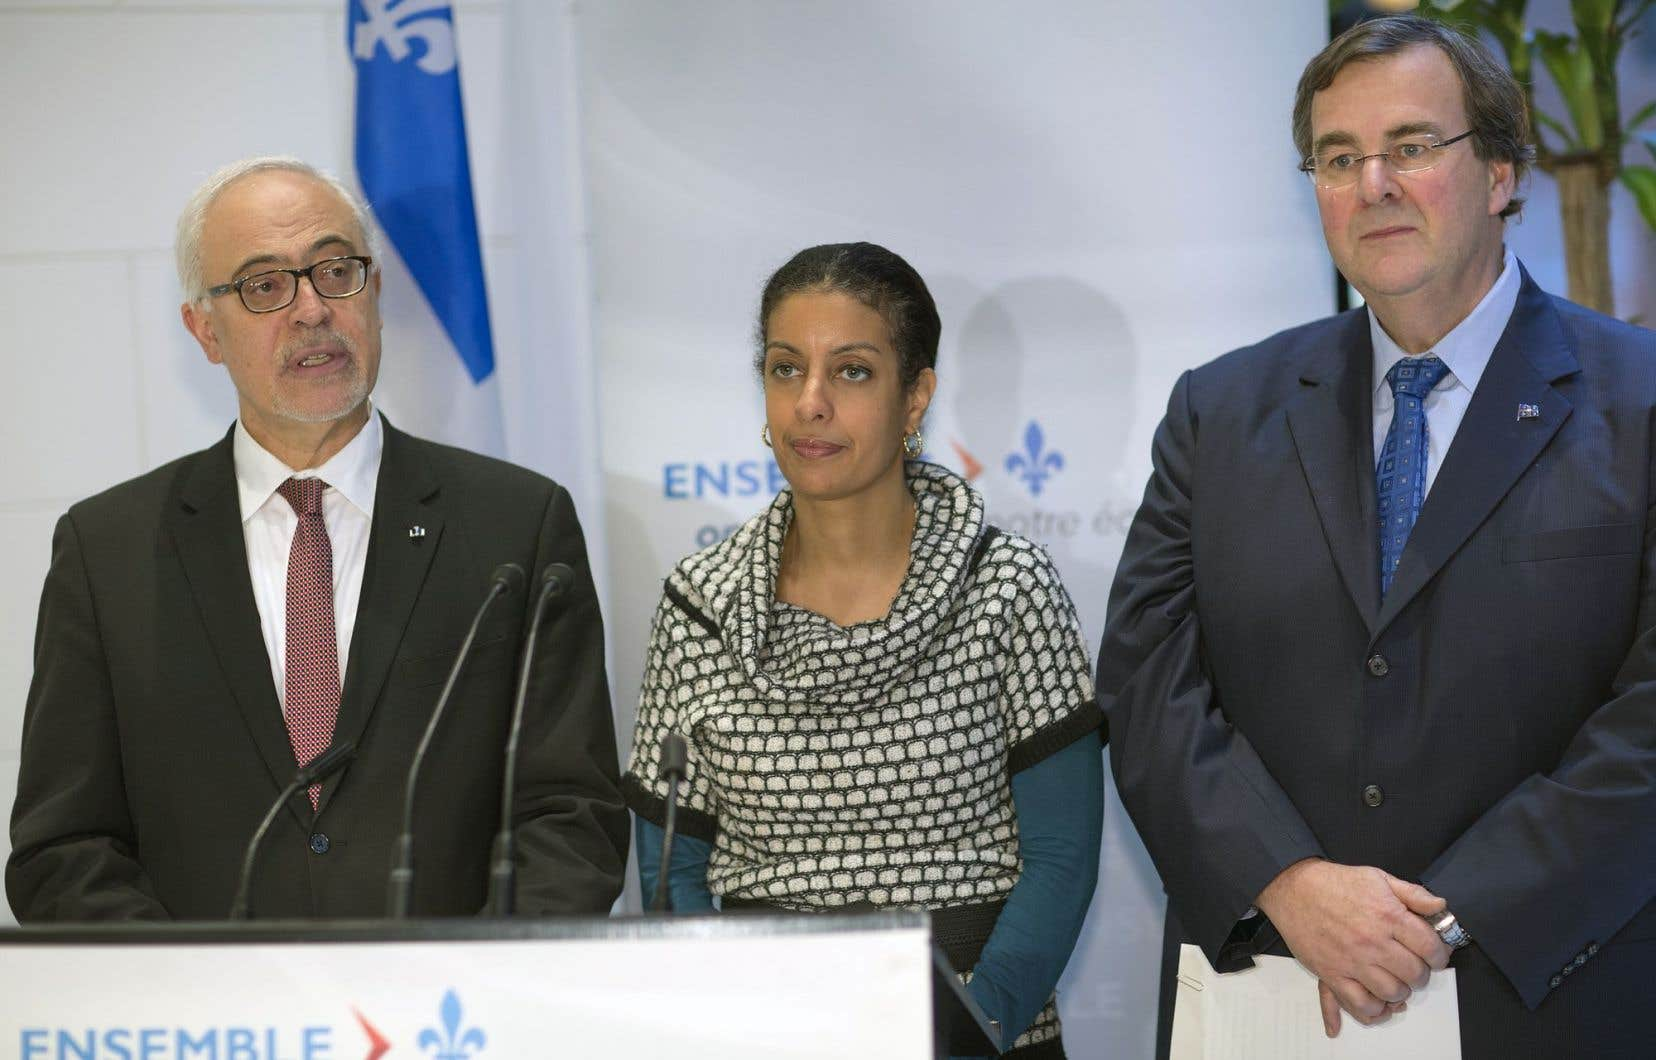 Les ministres Carlos Leitão, Dominique Anglade et François Blais ont louangé le bilan économique de leur gouvernement.